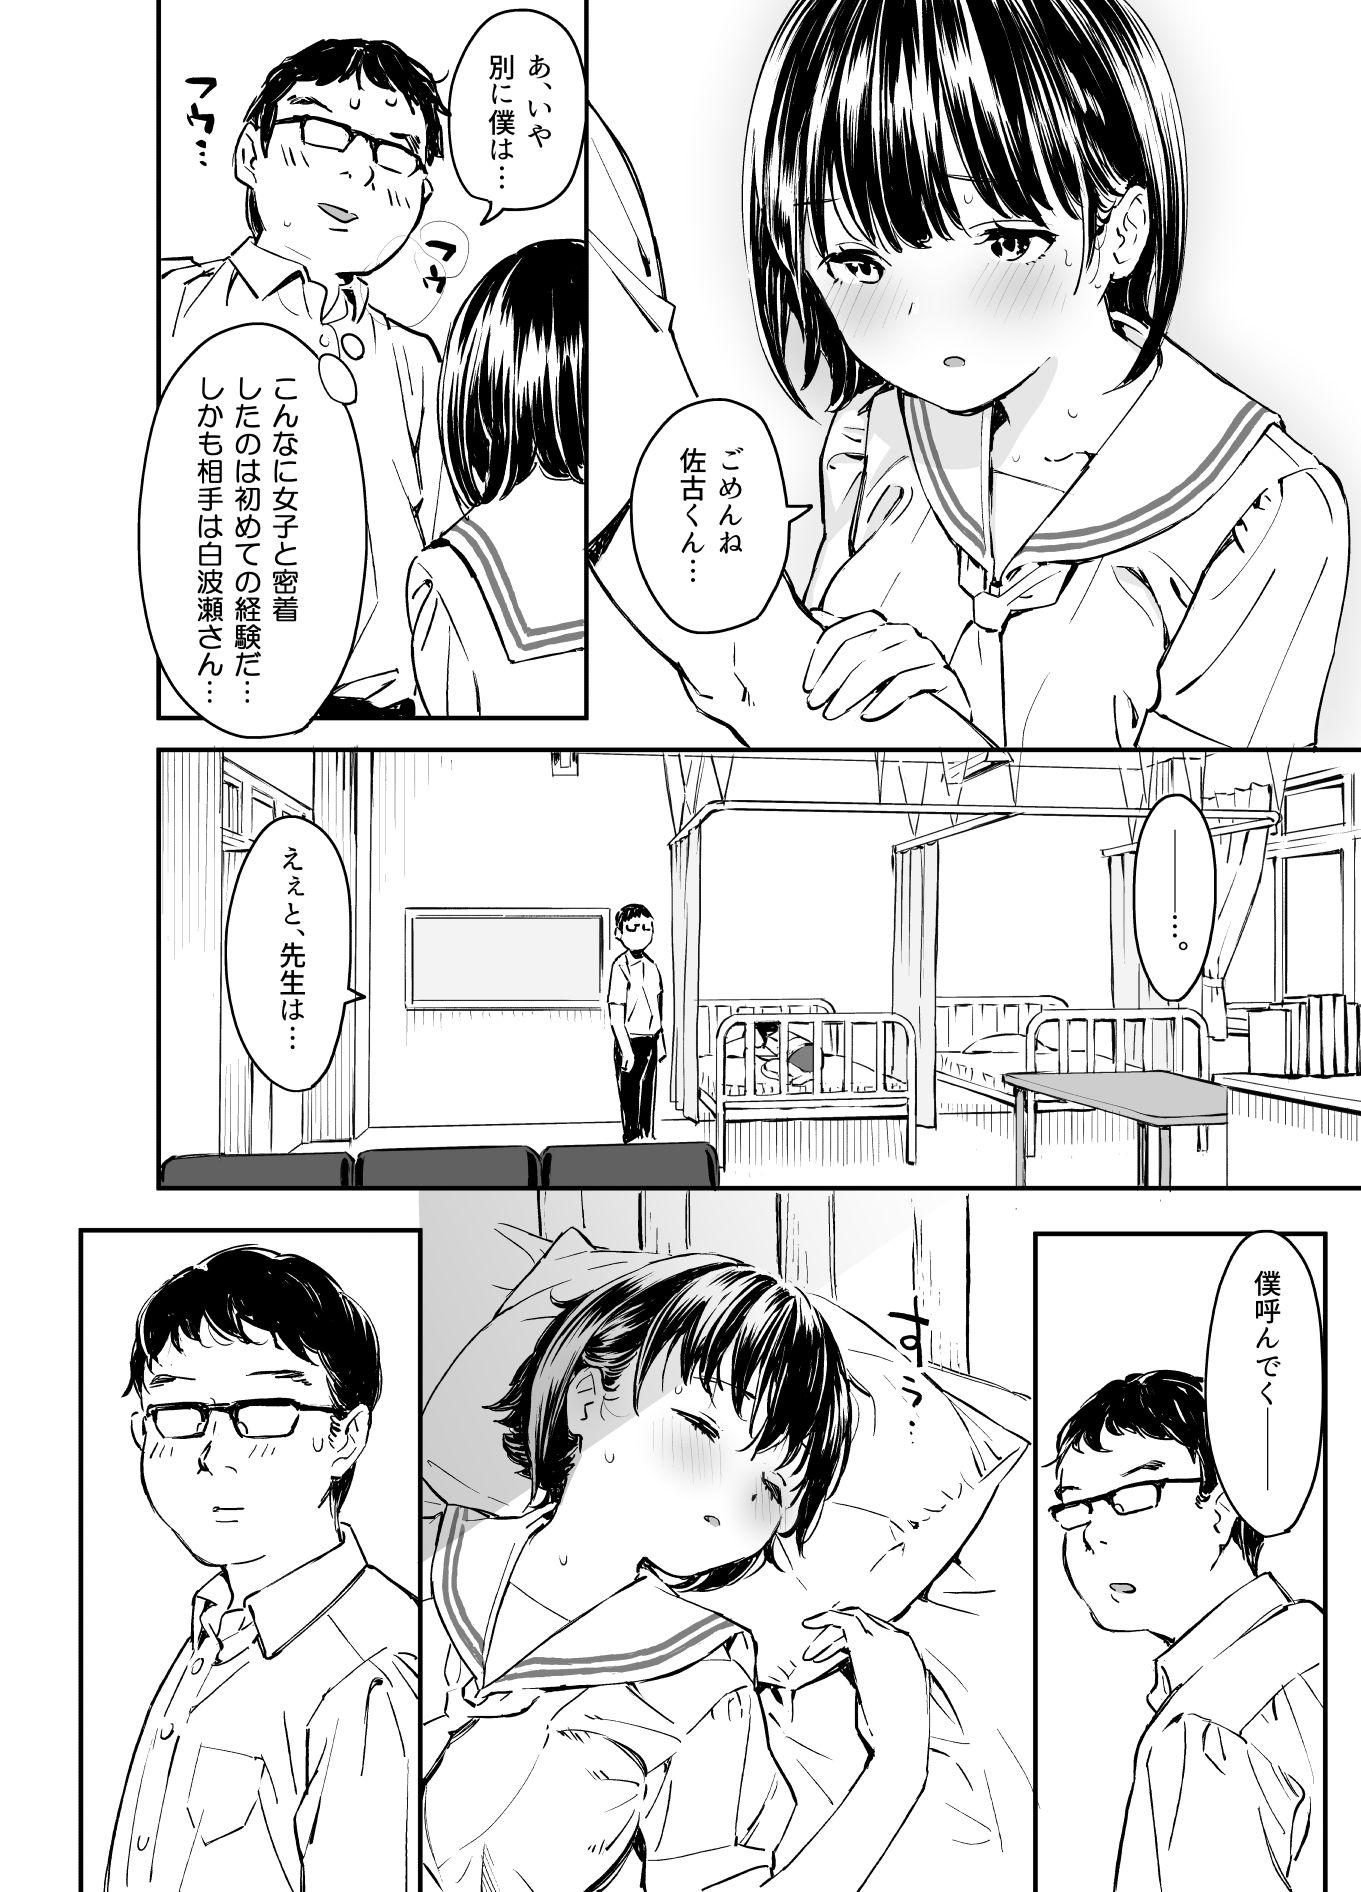 【エロ漫画無料大全集】寝ている同級生を保健室で犯す男がヤバ過ぎるwww